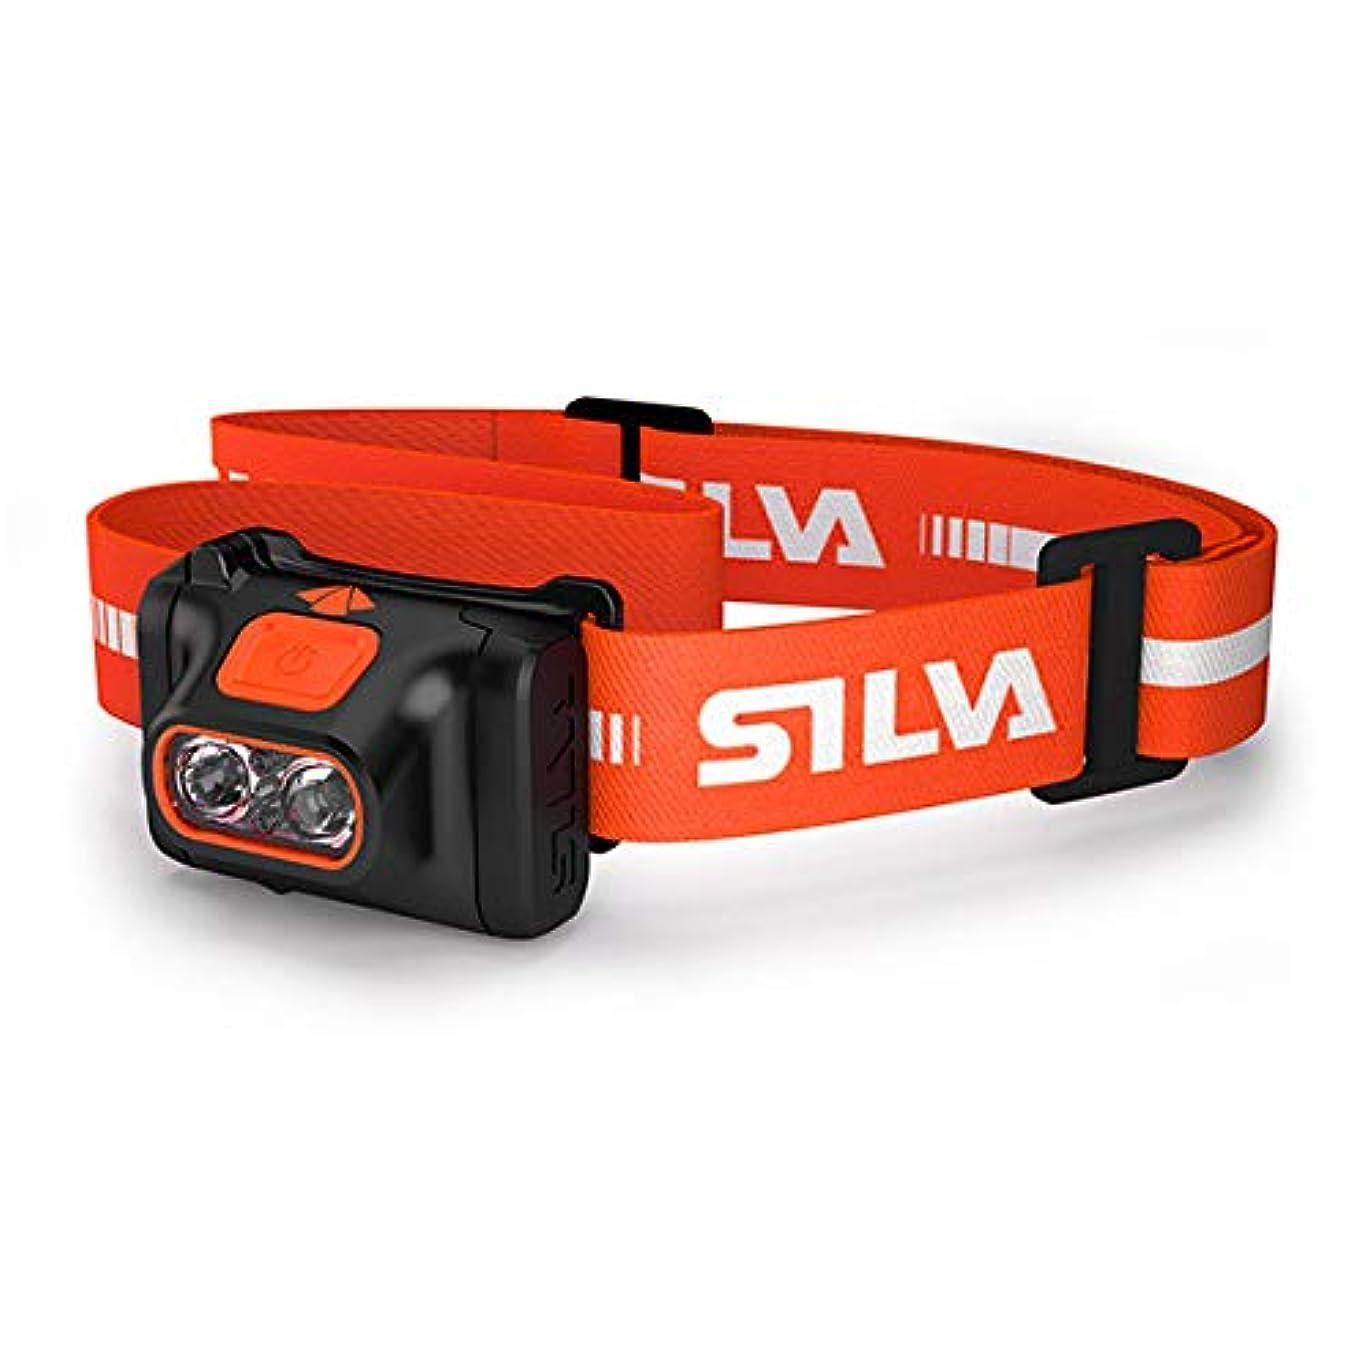 事前あいまい結果SILVA(シルバ) Headlamp Scout ヘッドランプ ECH184